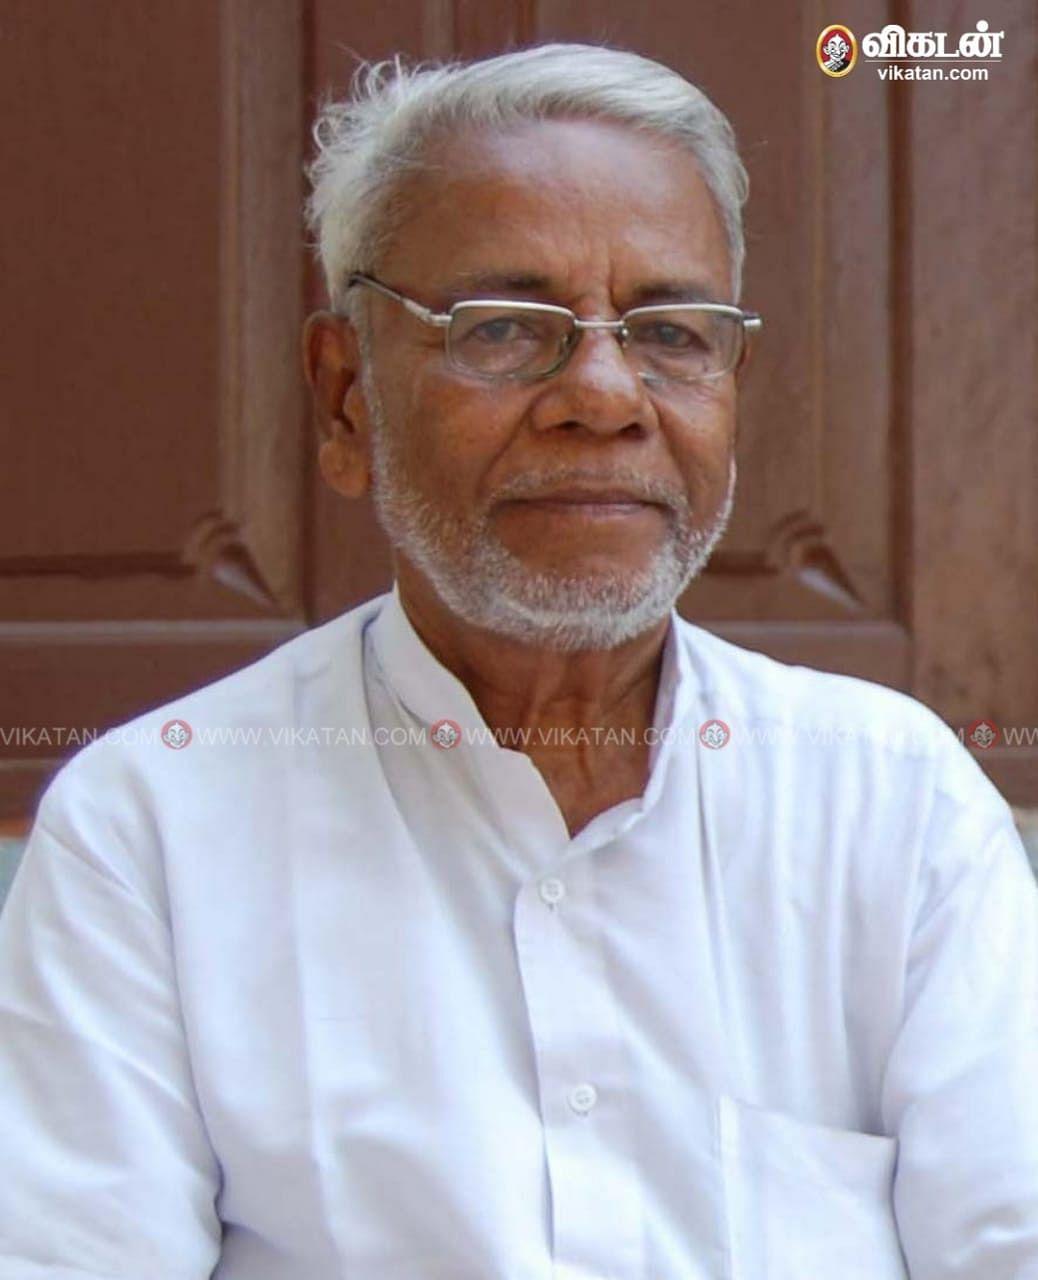 கொடிக்கால் ஷேக் அப்துல்லா